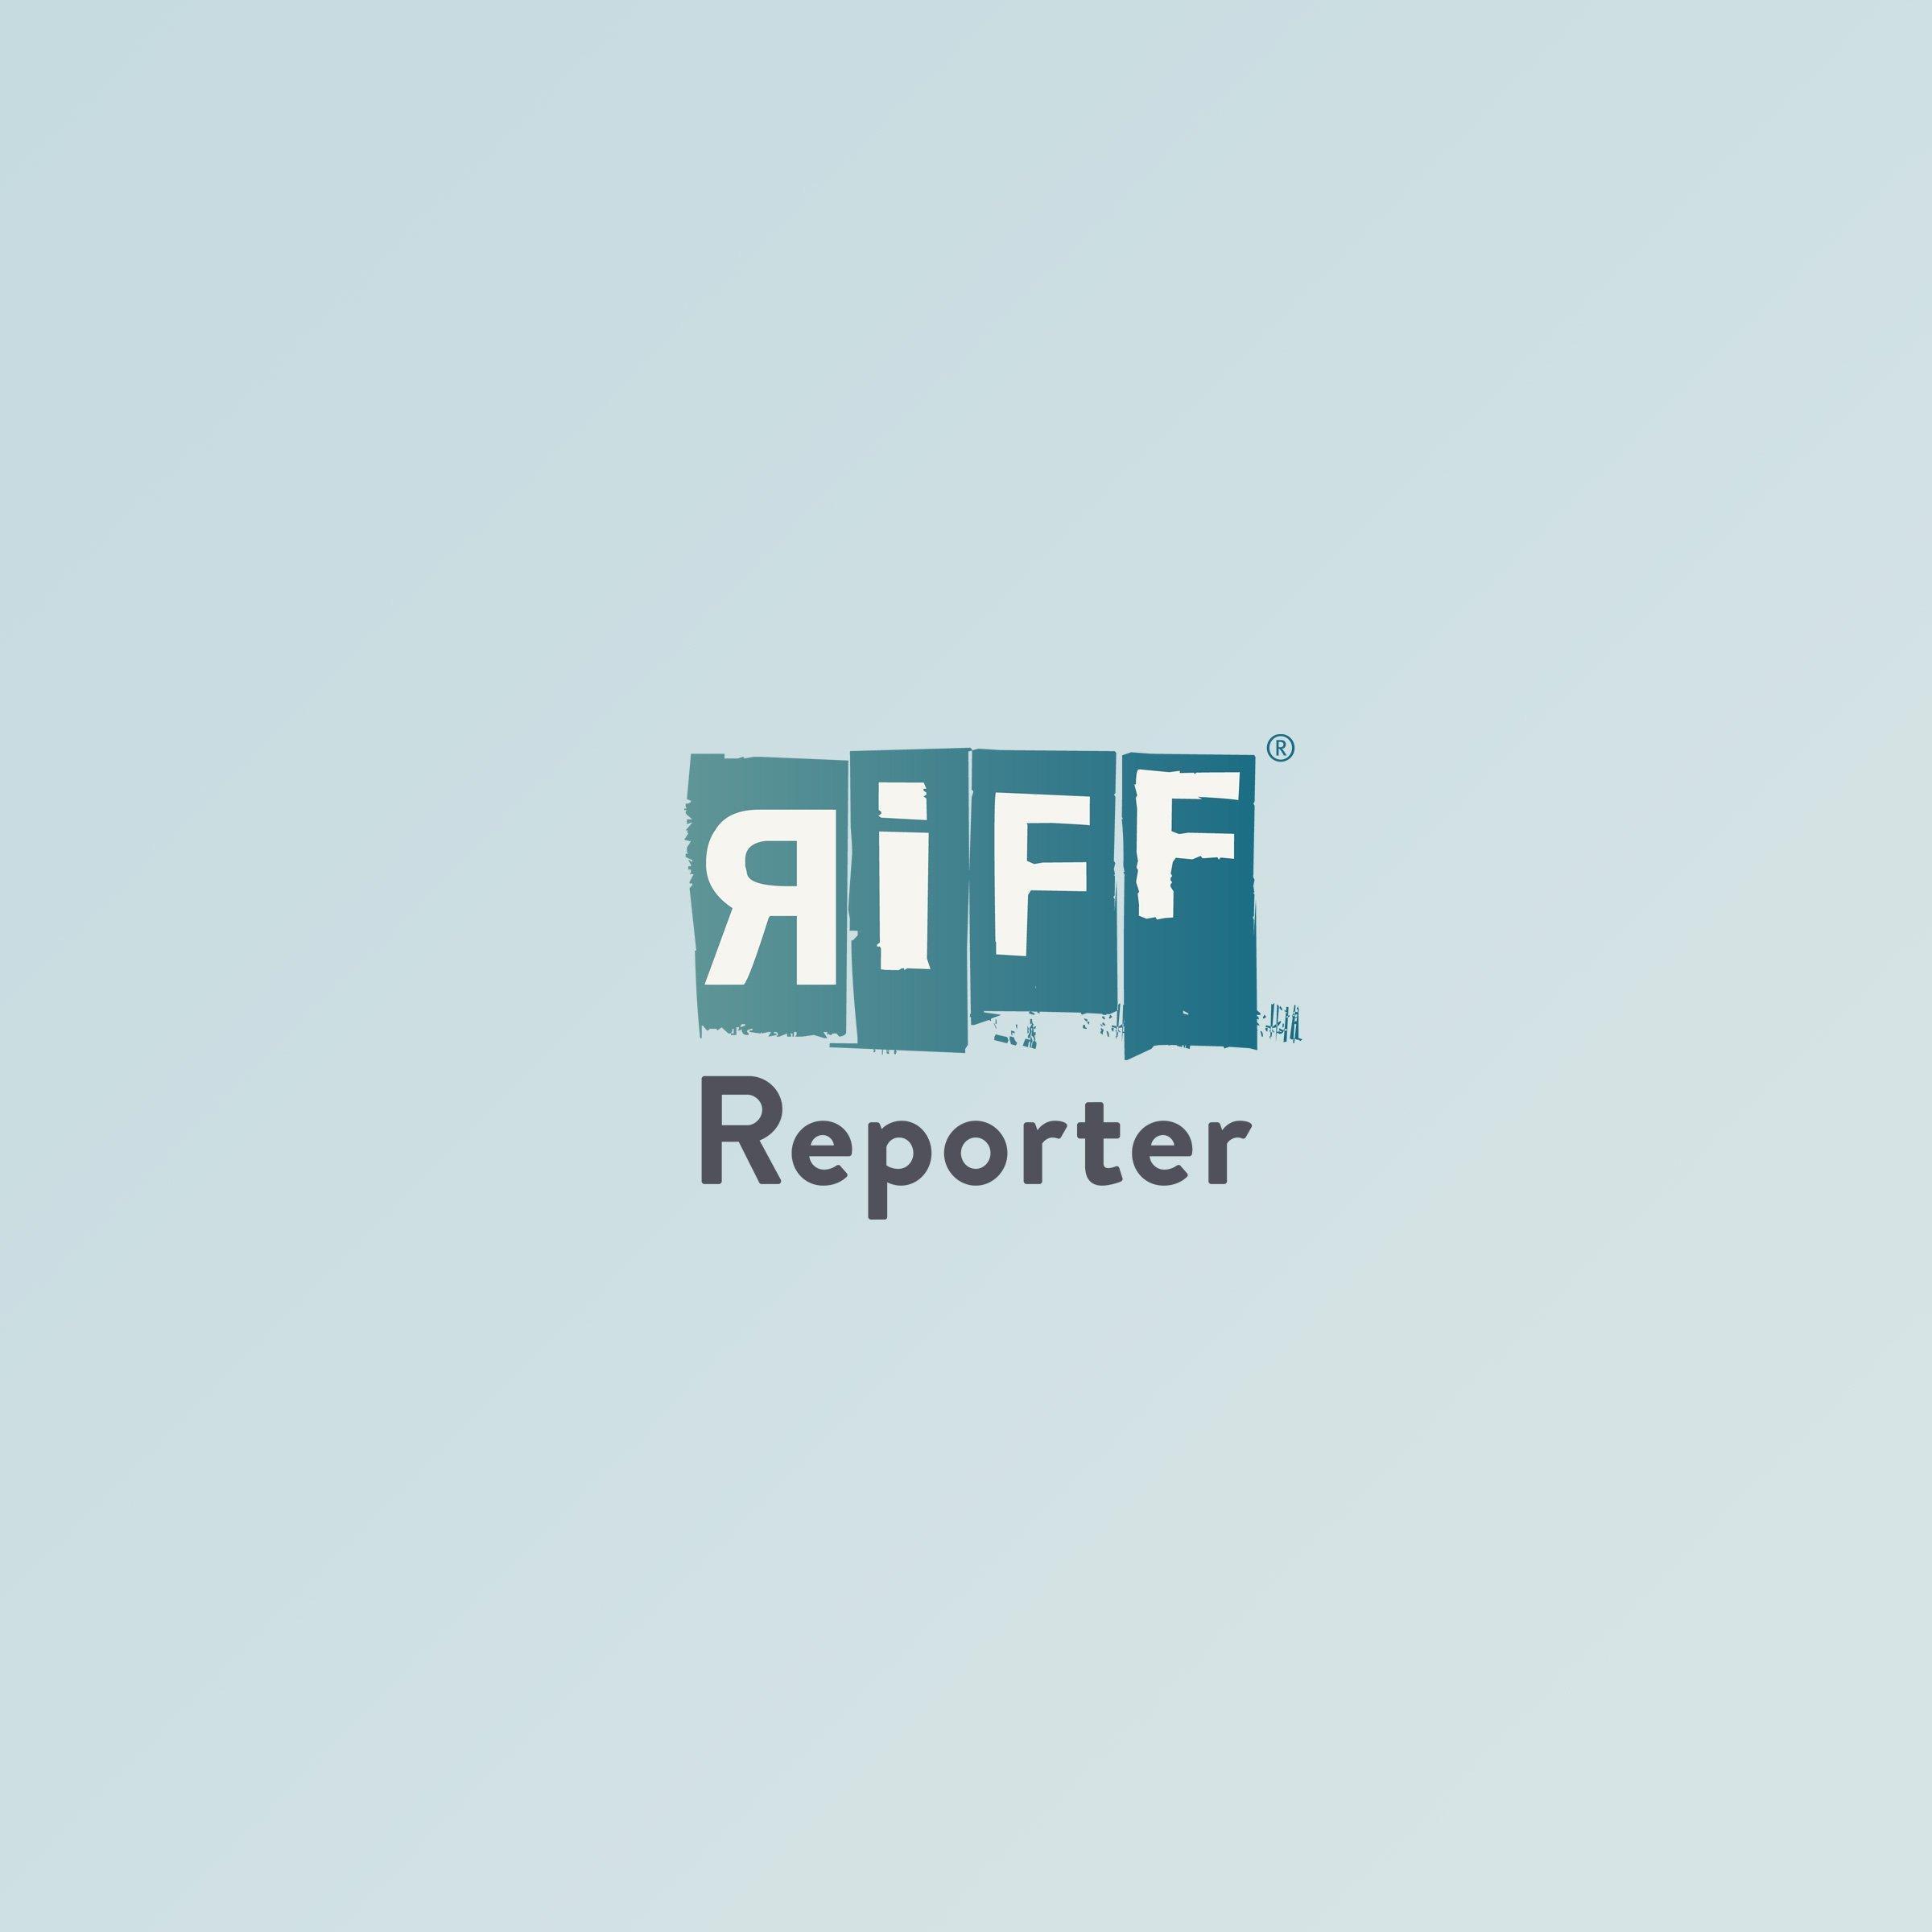 """Wir suchen den """"Kreis im Quadrat"""", wenn wir über Transformation nachdenken. Dieses Bild zeigt Reflexionen in einem Teich, die teilweise nicht auf den ersten Blick erklärbar sind. Gleichzeitig zeigt es alle vier Elemente: Wasser, Luft, Erde – und Feuer (bzw. die Energie, die zur Erstellung des gespiegelten Gebäudes notwendig war)."""